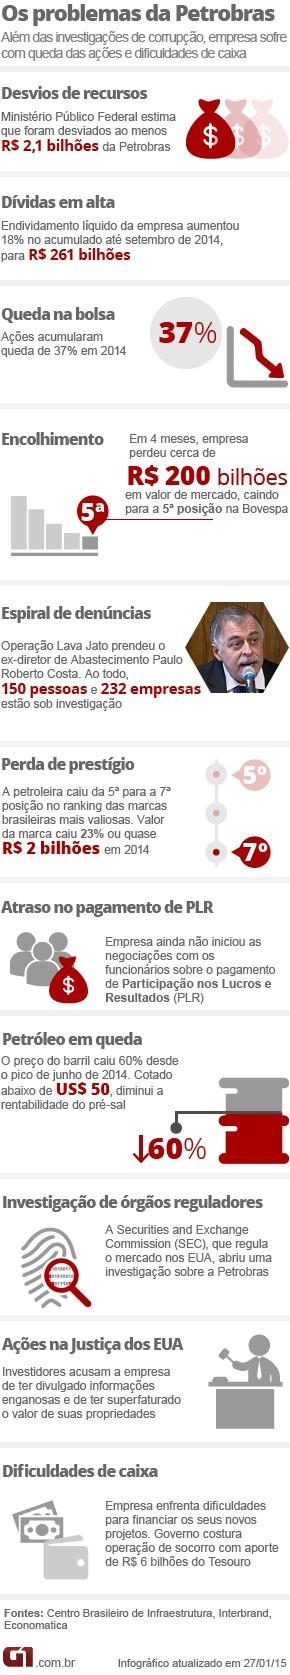 Petrobras reduz investimentos e desacelera ritmo de projetos